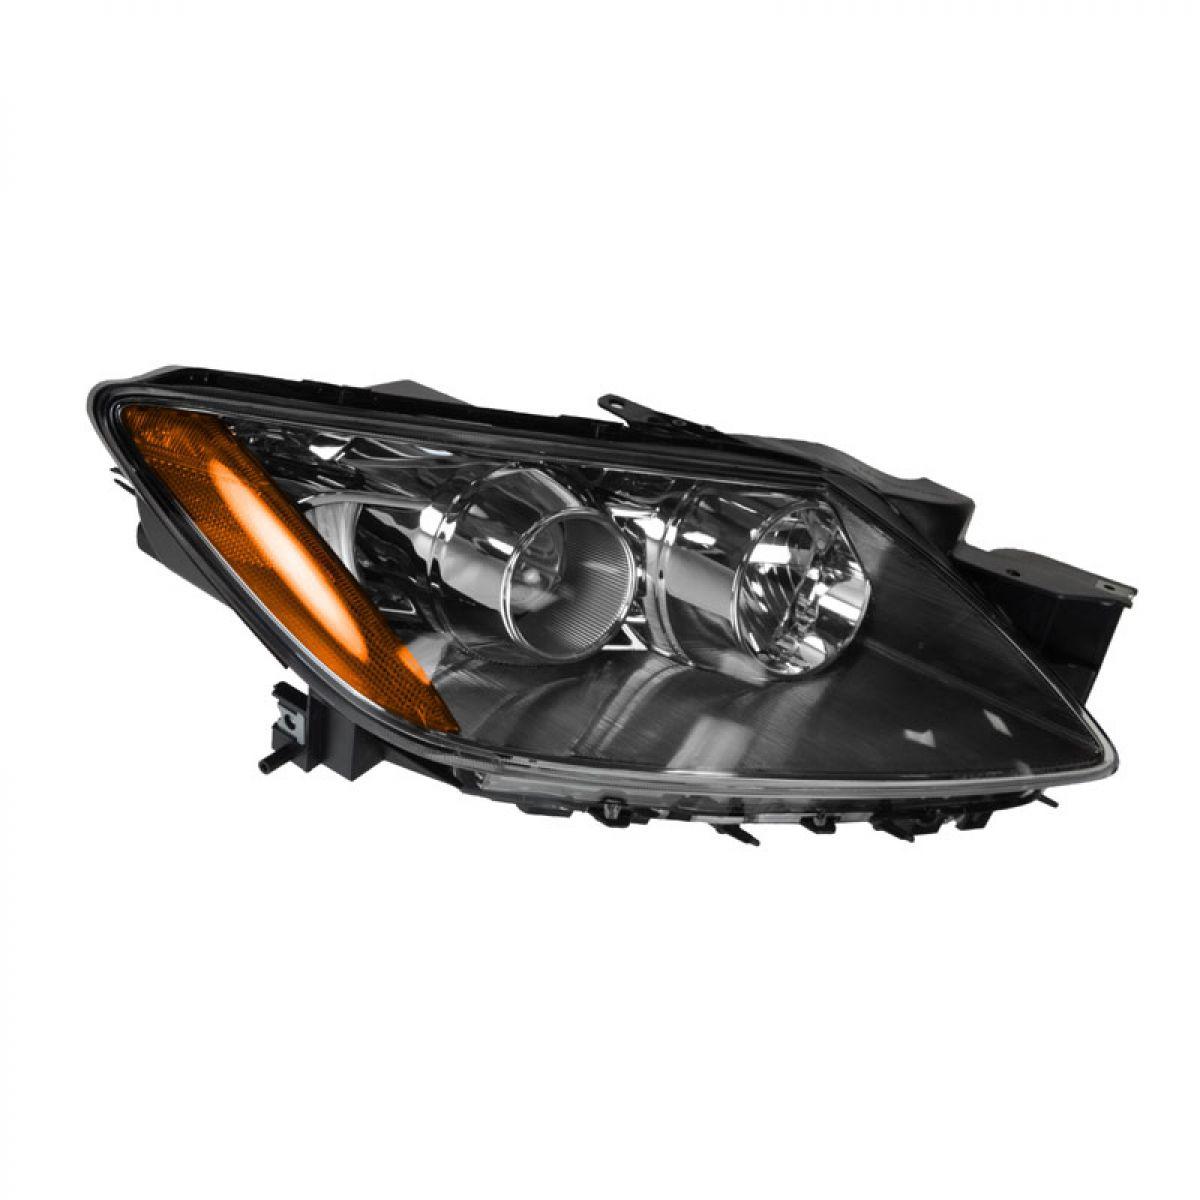 Xenon Headlight Headlamp Passenger Side Right RH For 07-09